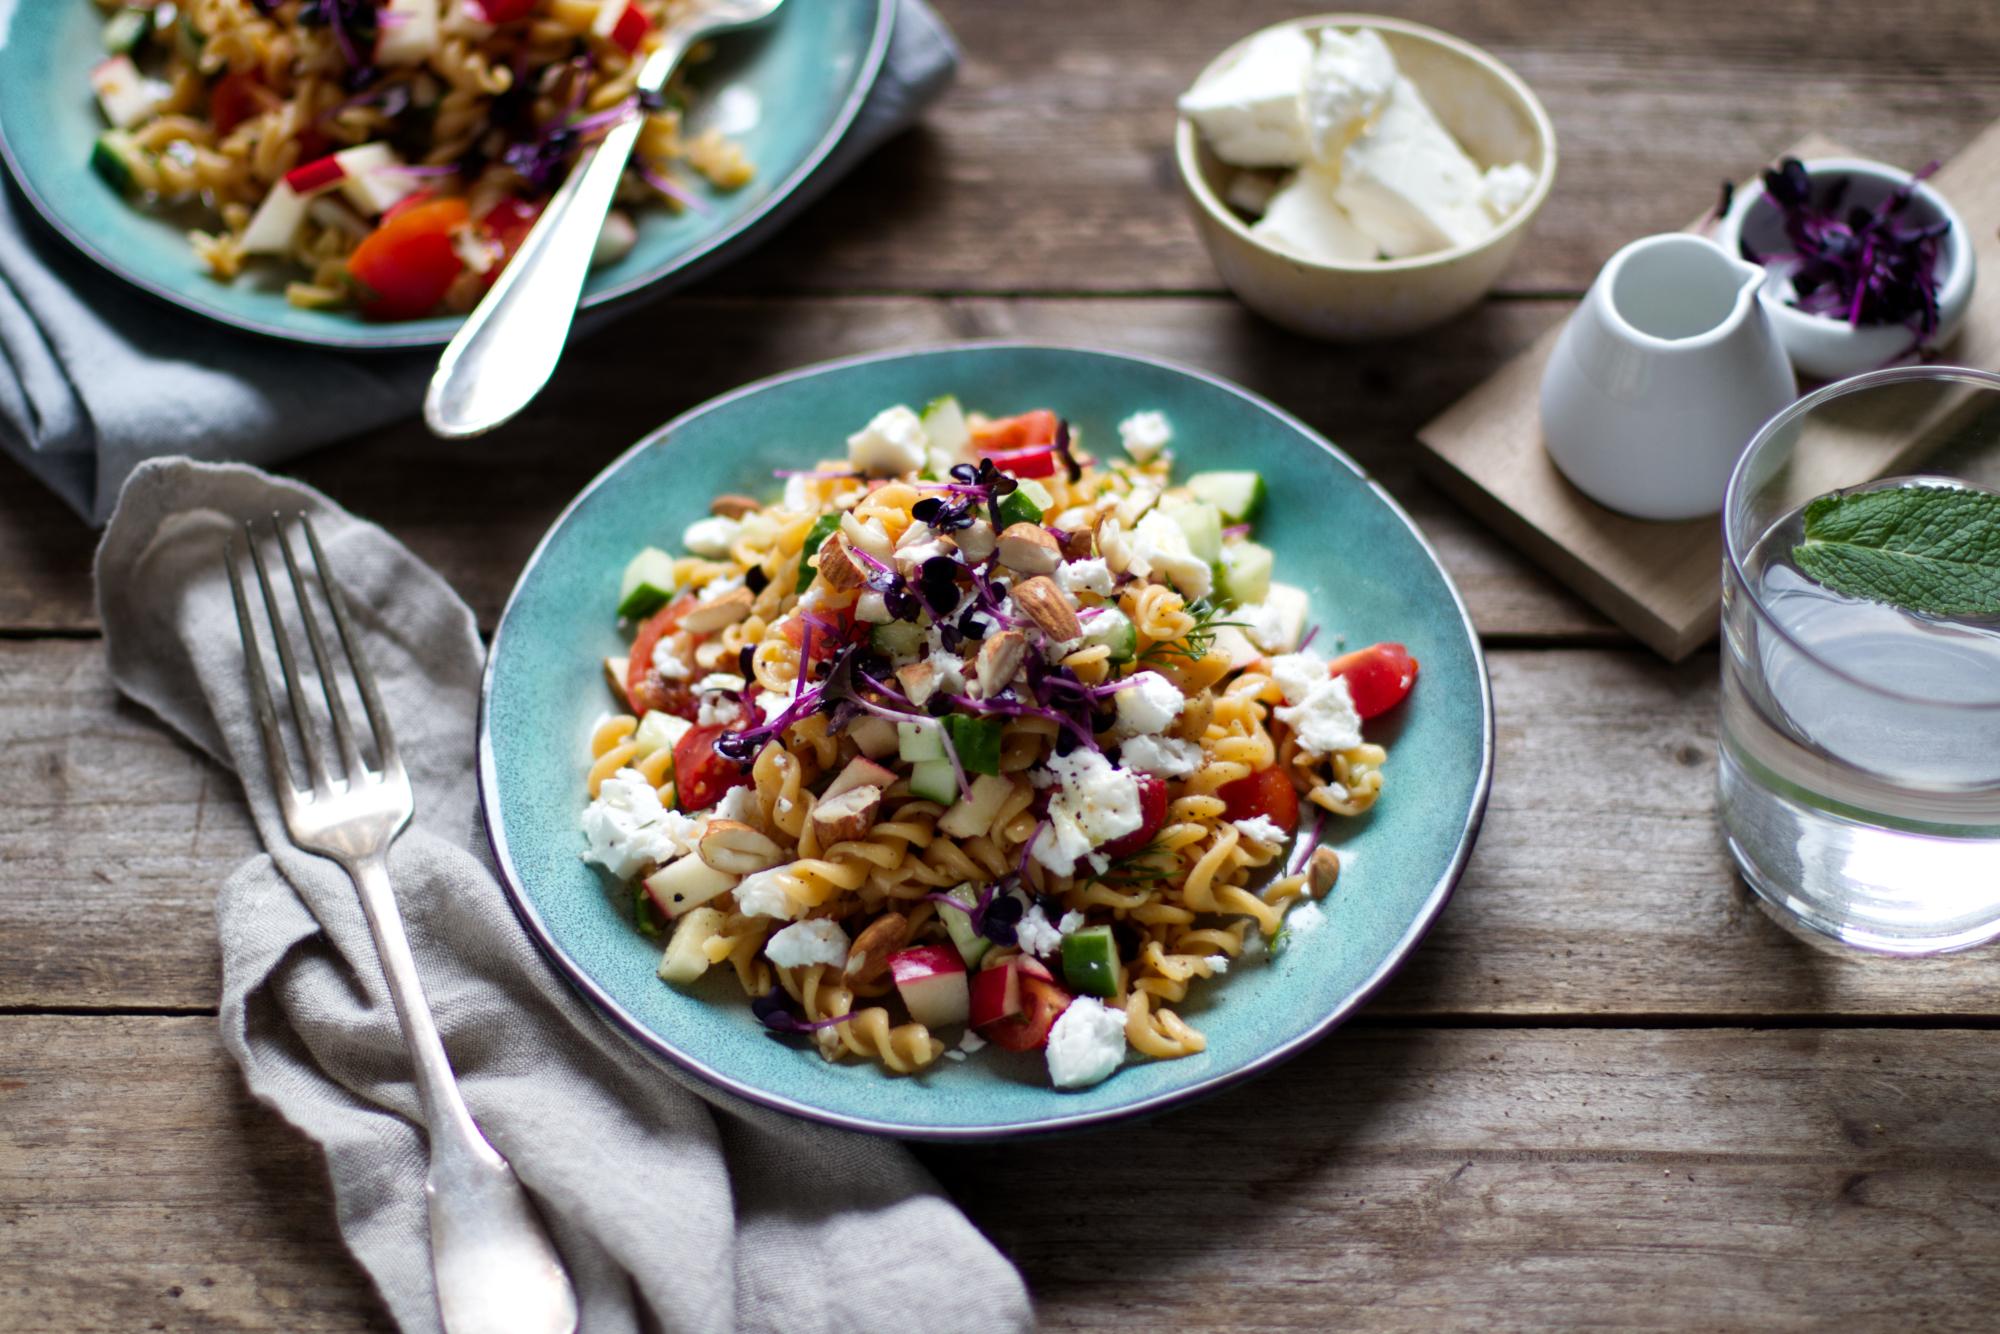 Essen nach dem Sport: Linsennudel-Salat mit Feta und Tomaten